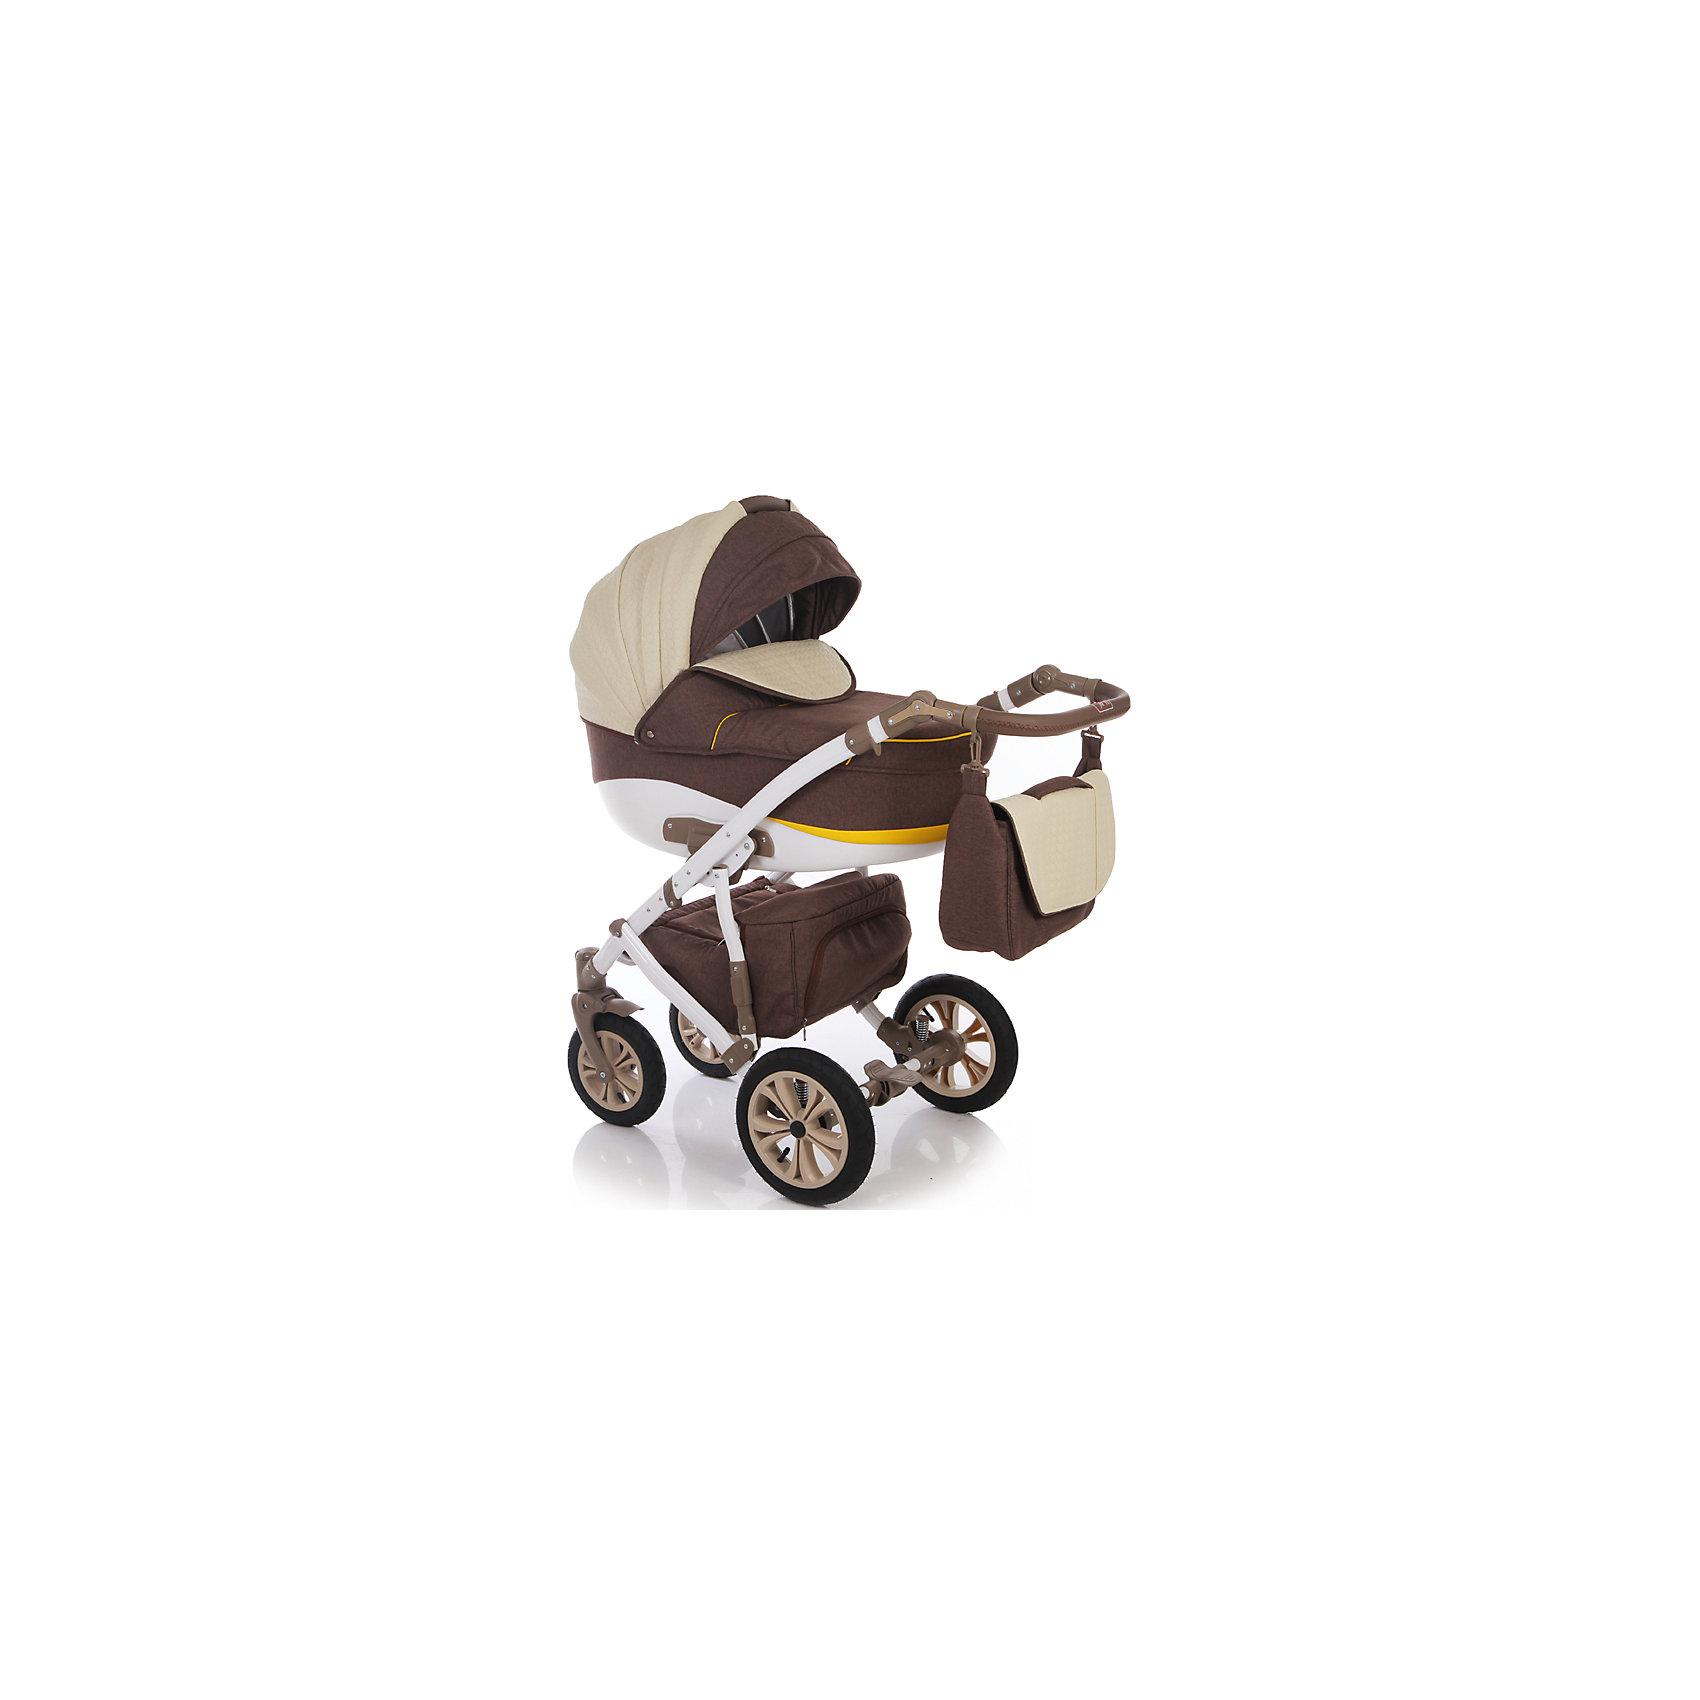 Коляска 2 в 1 Ifratti FABIO, т.бежевый/жёлтый/экрюКоляски 2 в 1<br>Ifratti Fabio - манёвренная и лёгкая  в управлении коляска на алюминиевой раме и с возможностью установки автомобильного кресла. Неповторимый дизайн  никого не оставит  равнодушным. Оригинальный вариант сочетания теснённой кожи с тканью лён– обратит на себя внимание даже самого предвзятого покупателя. Для  детей с рождения до трёх лет. Конструкция рамы имеет мягкую подвеску передней и задней оси, удобную, регулируемую по высоте ручку, с обшивкой из эко кожи, а так же – большую, металлическую вместительная корзину-сетку для покупок. Капоры люльки и прогулочного блока, оснащены тихой системой регулировки, имеют складной, солнцезащитный козырёк, отстёгиваемый сегмент обивки, под которым находится большое вентиляционное окно с москитной сеткой, что особенно важно в жаркие летние дни.Оба модуля коляски, устанавливаются на раме поочерёдно, в двух направлениях – лицом, либо спиной по направлению движения. <br><br>Особенности:<br>Переносная люлька для детей с рождения до 6 месяцев:<br>- Просторная пластиковая люлька 42/85 см) с регулируемым подголовником;                   <br>- Люлька устанавливается в 2х направлениях лицом к маме, лицом к дороге;           - Простая и удобная система крепления на раму;<br>- Съемная подкладка из 100% хлопка, с возможностью стирки;<br>- Капюшон складной, съемный с вентиляционным окошком;<br>- Опускающийся козырёк для защиты от непогоды;<br>- Бесшумная система складывания капора;<br>- Кожаная ручка, для использования люльки в качестве переноски;<br>- Размер спального места ДхШхВ: 82 см х 39 см х 23см.Прогулочный блок для детей от 6 месяцев  до 3-х лет;<br>- Удобное, широкое посадочное место;<br>- Полная регулировка спинки до положения лёжа;<br>-  Регулировка подножки по высоте;<br>- Пятиточечные ремни безопасности;<br>- Съёмный передний поручень с разделительной перемычкой между ножек;<br>- Регулировка ручки по высоте;<br>- Надежный центральный тормоз.<br><br>Комплектация: <b